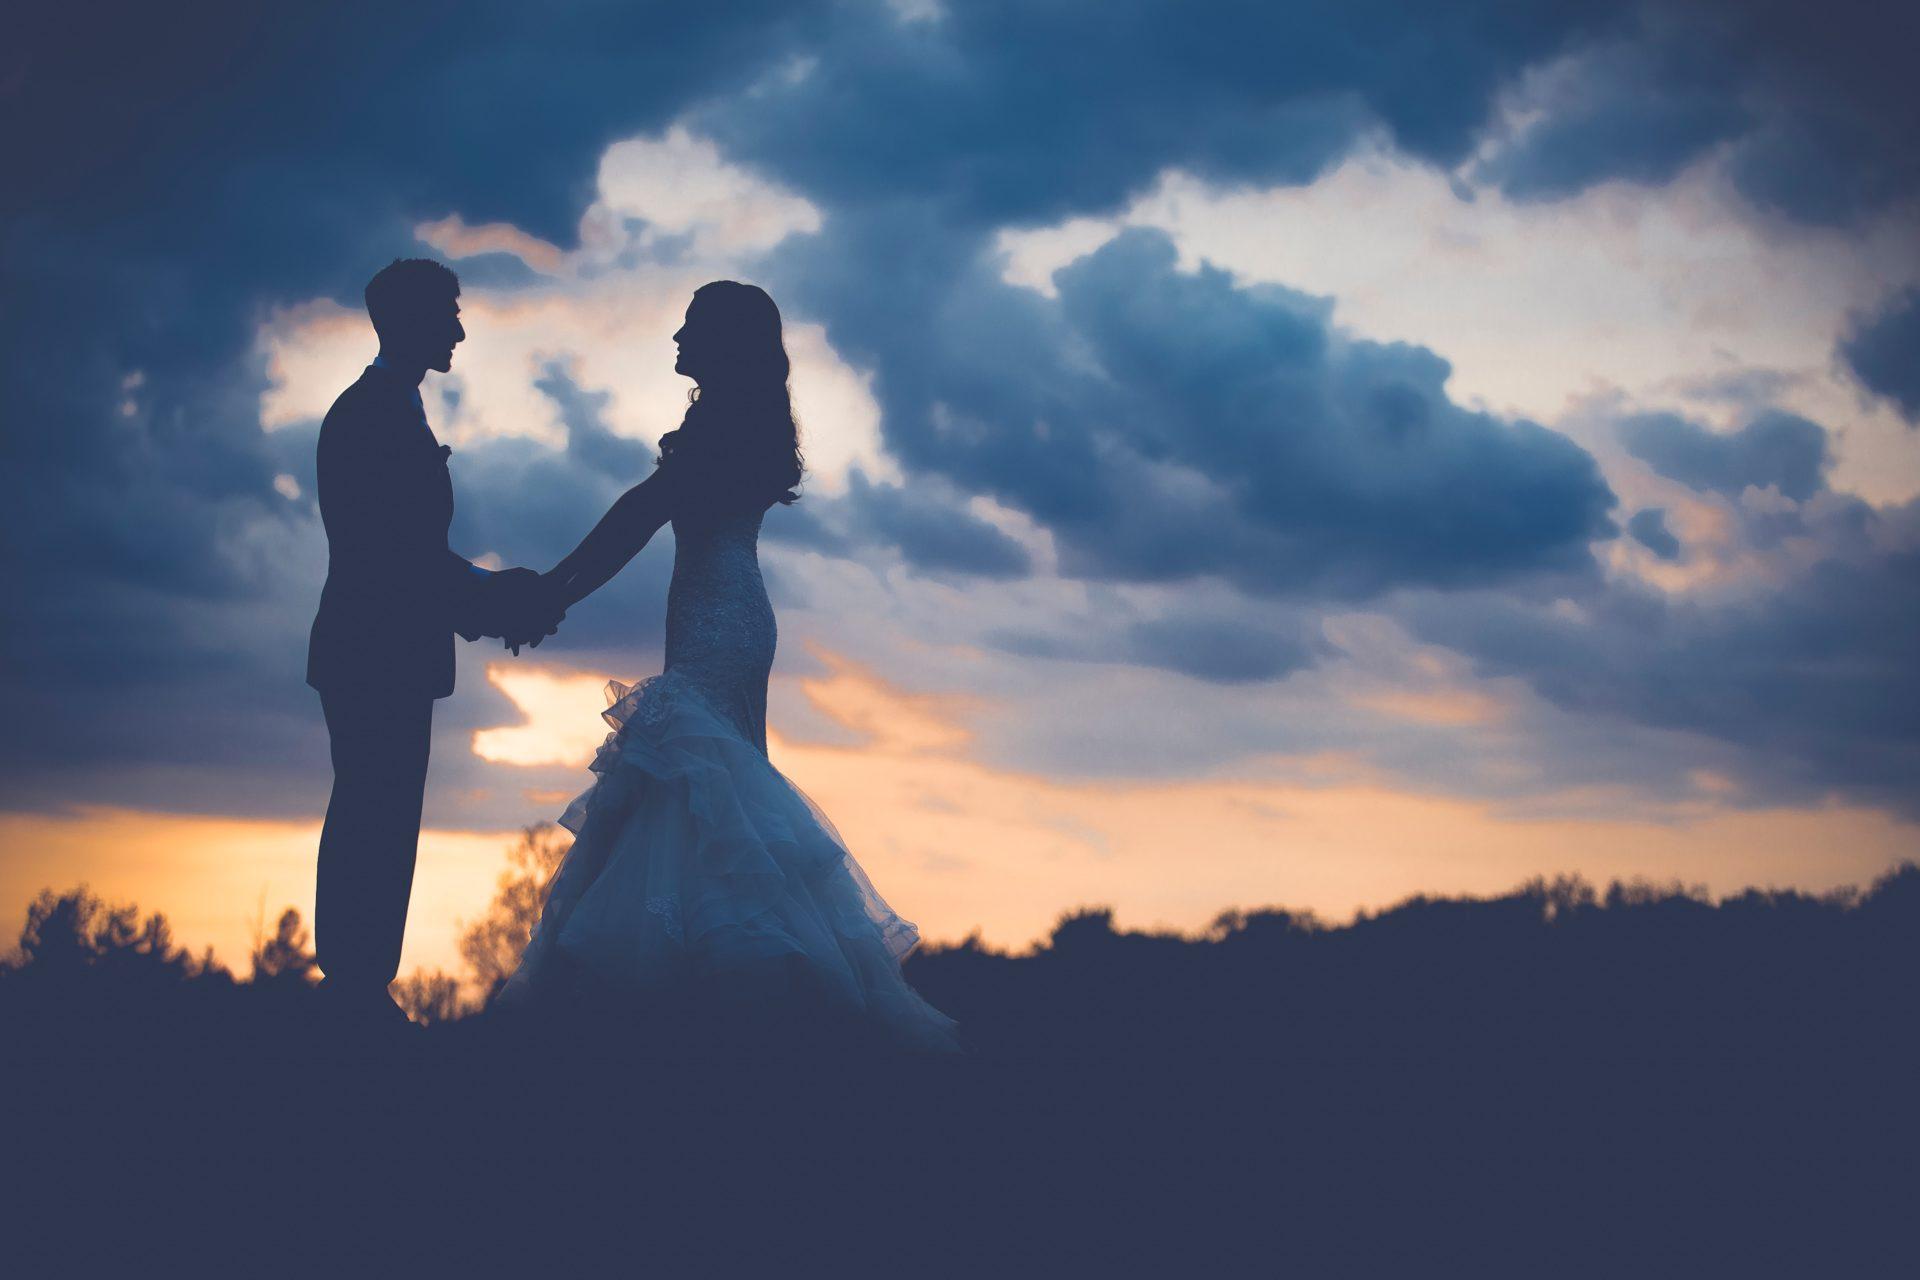 Matrimonios Exitosos Biblia : 3 cosas que todo matrimonio debe recordar justin burkholder